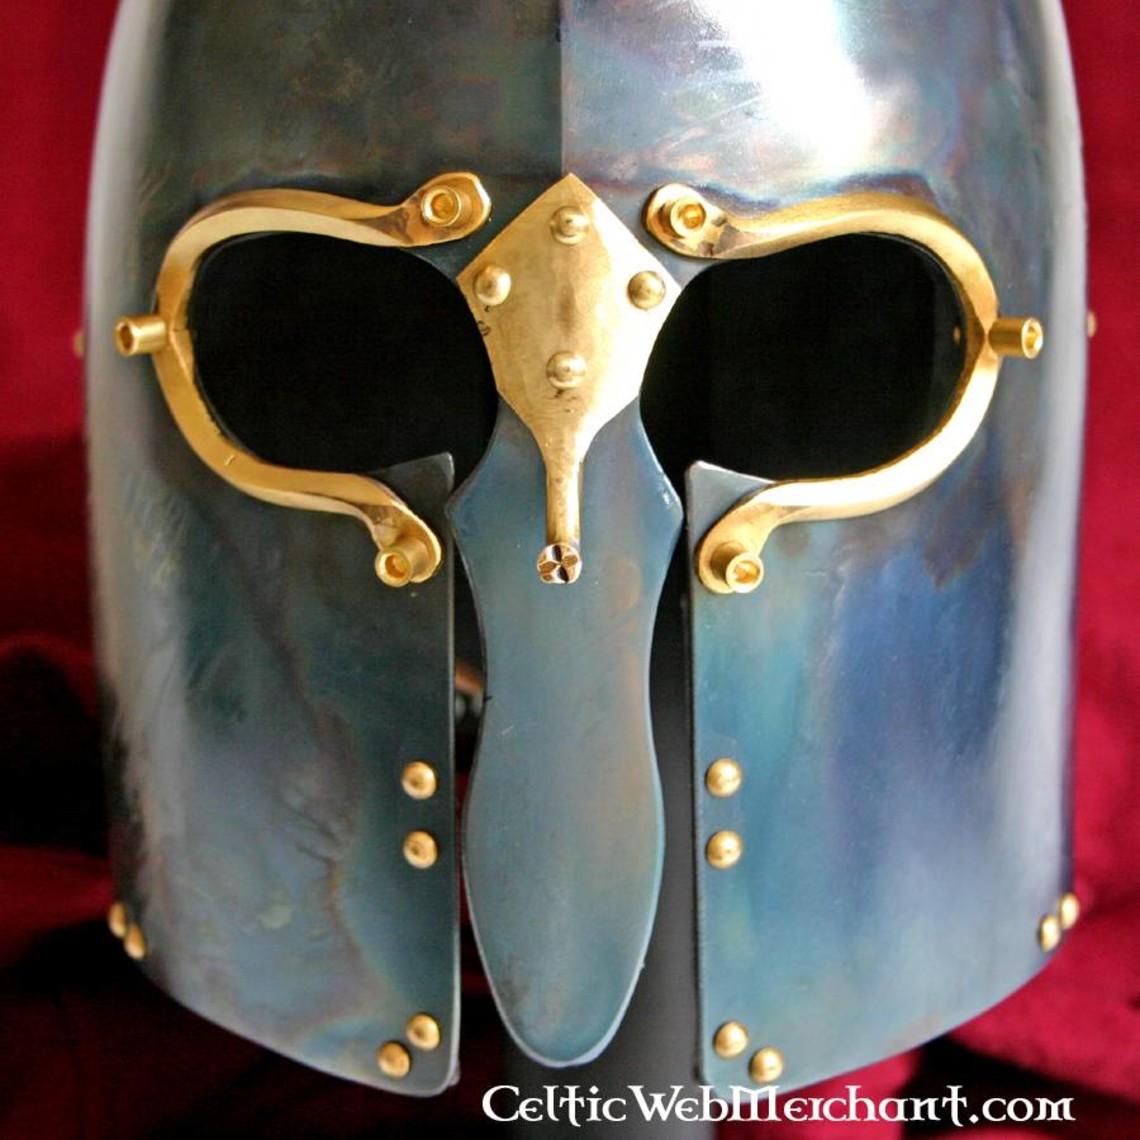 Lough Henney helm